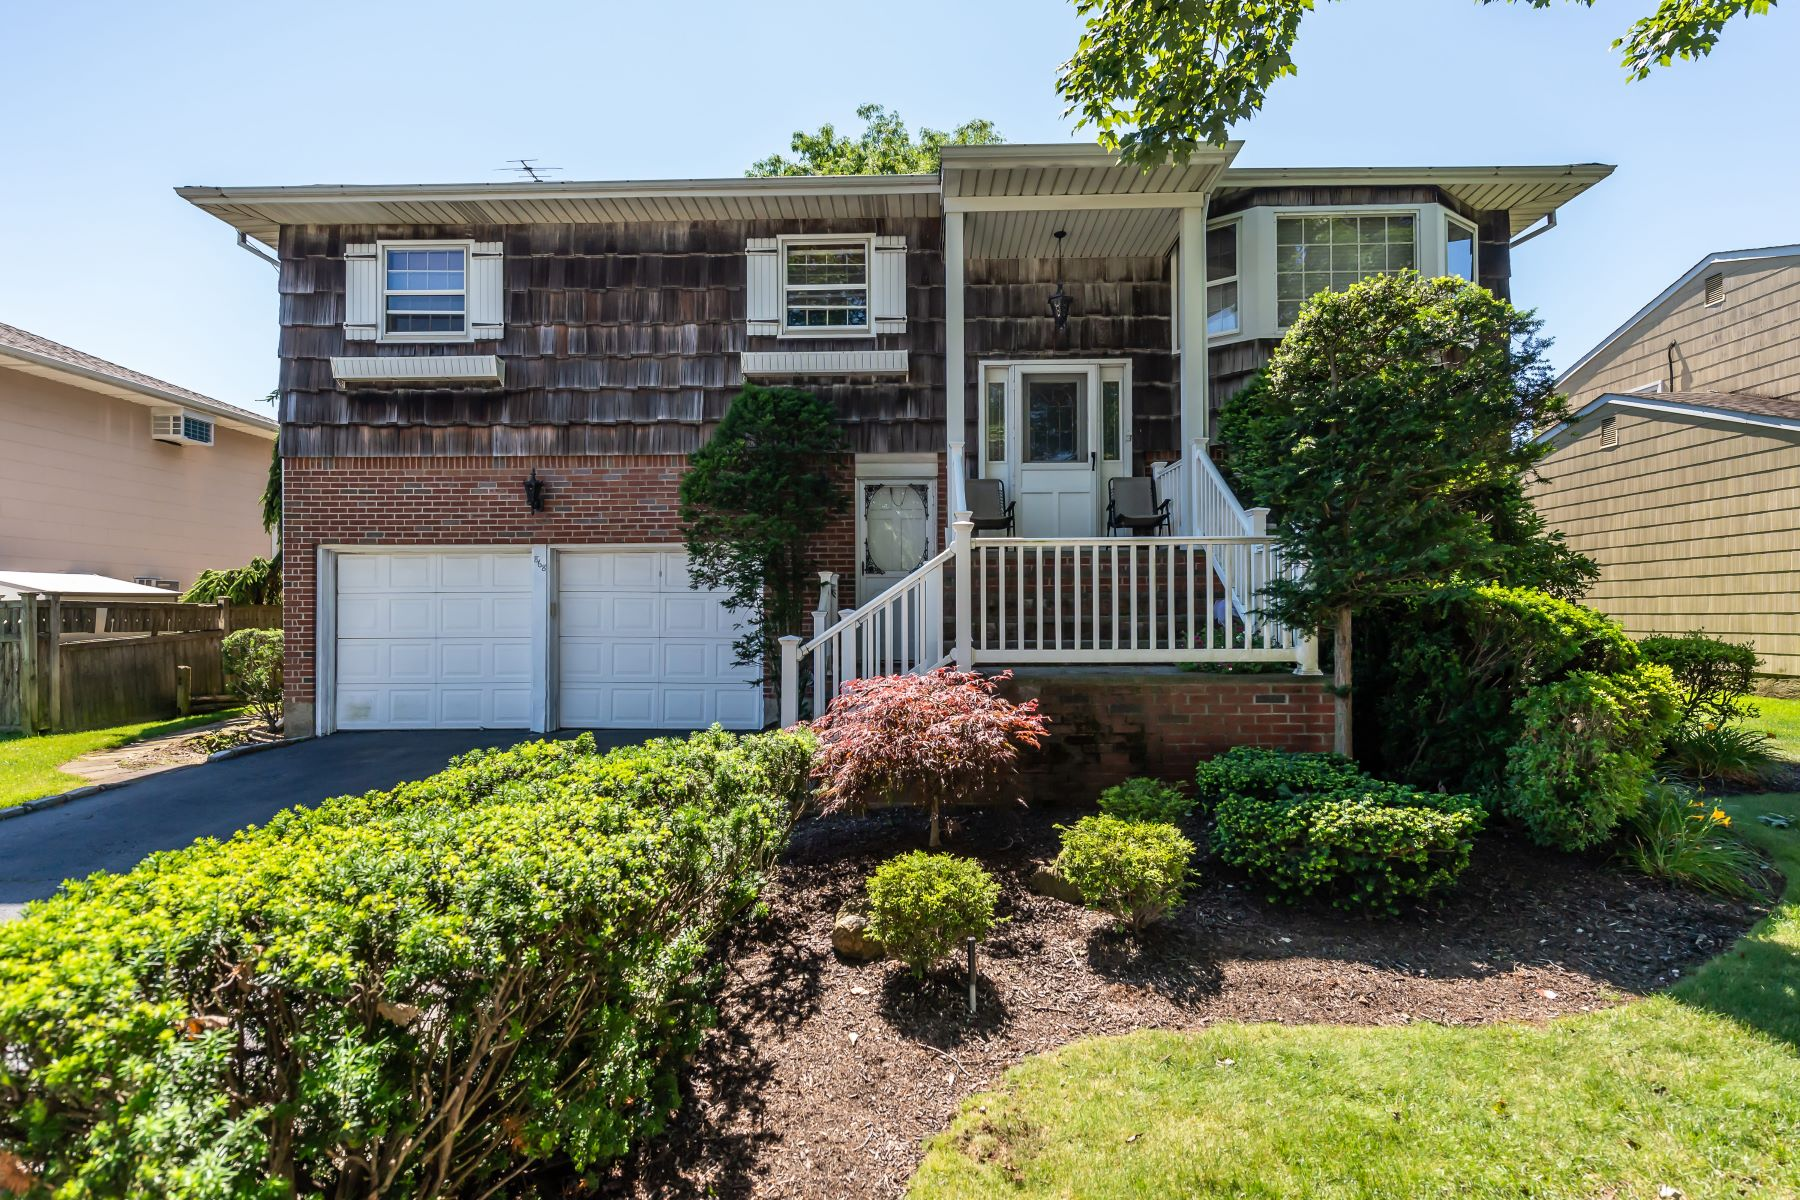 Single Family Homes för Försäljning vid N. Bellmore 868 Beckman Dr, North Bellmore, New York 11710 Förenta staterna